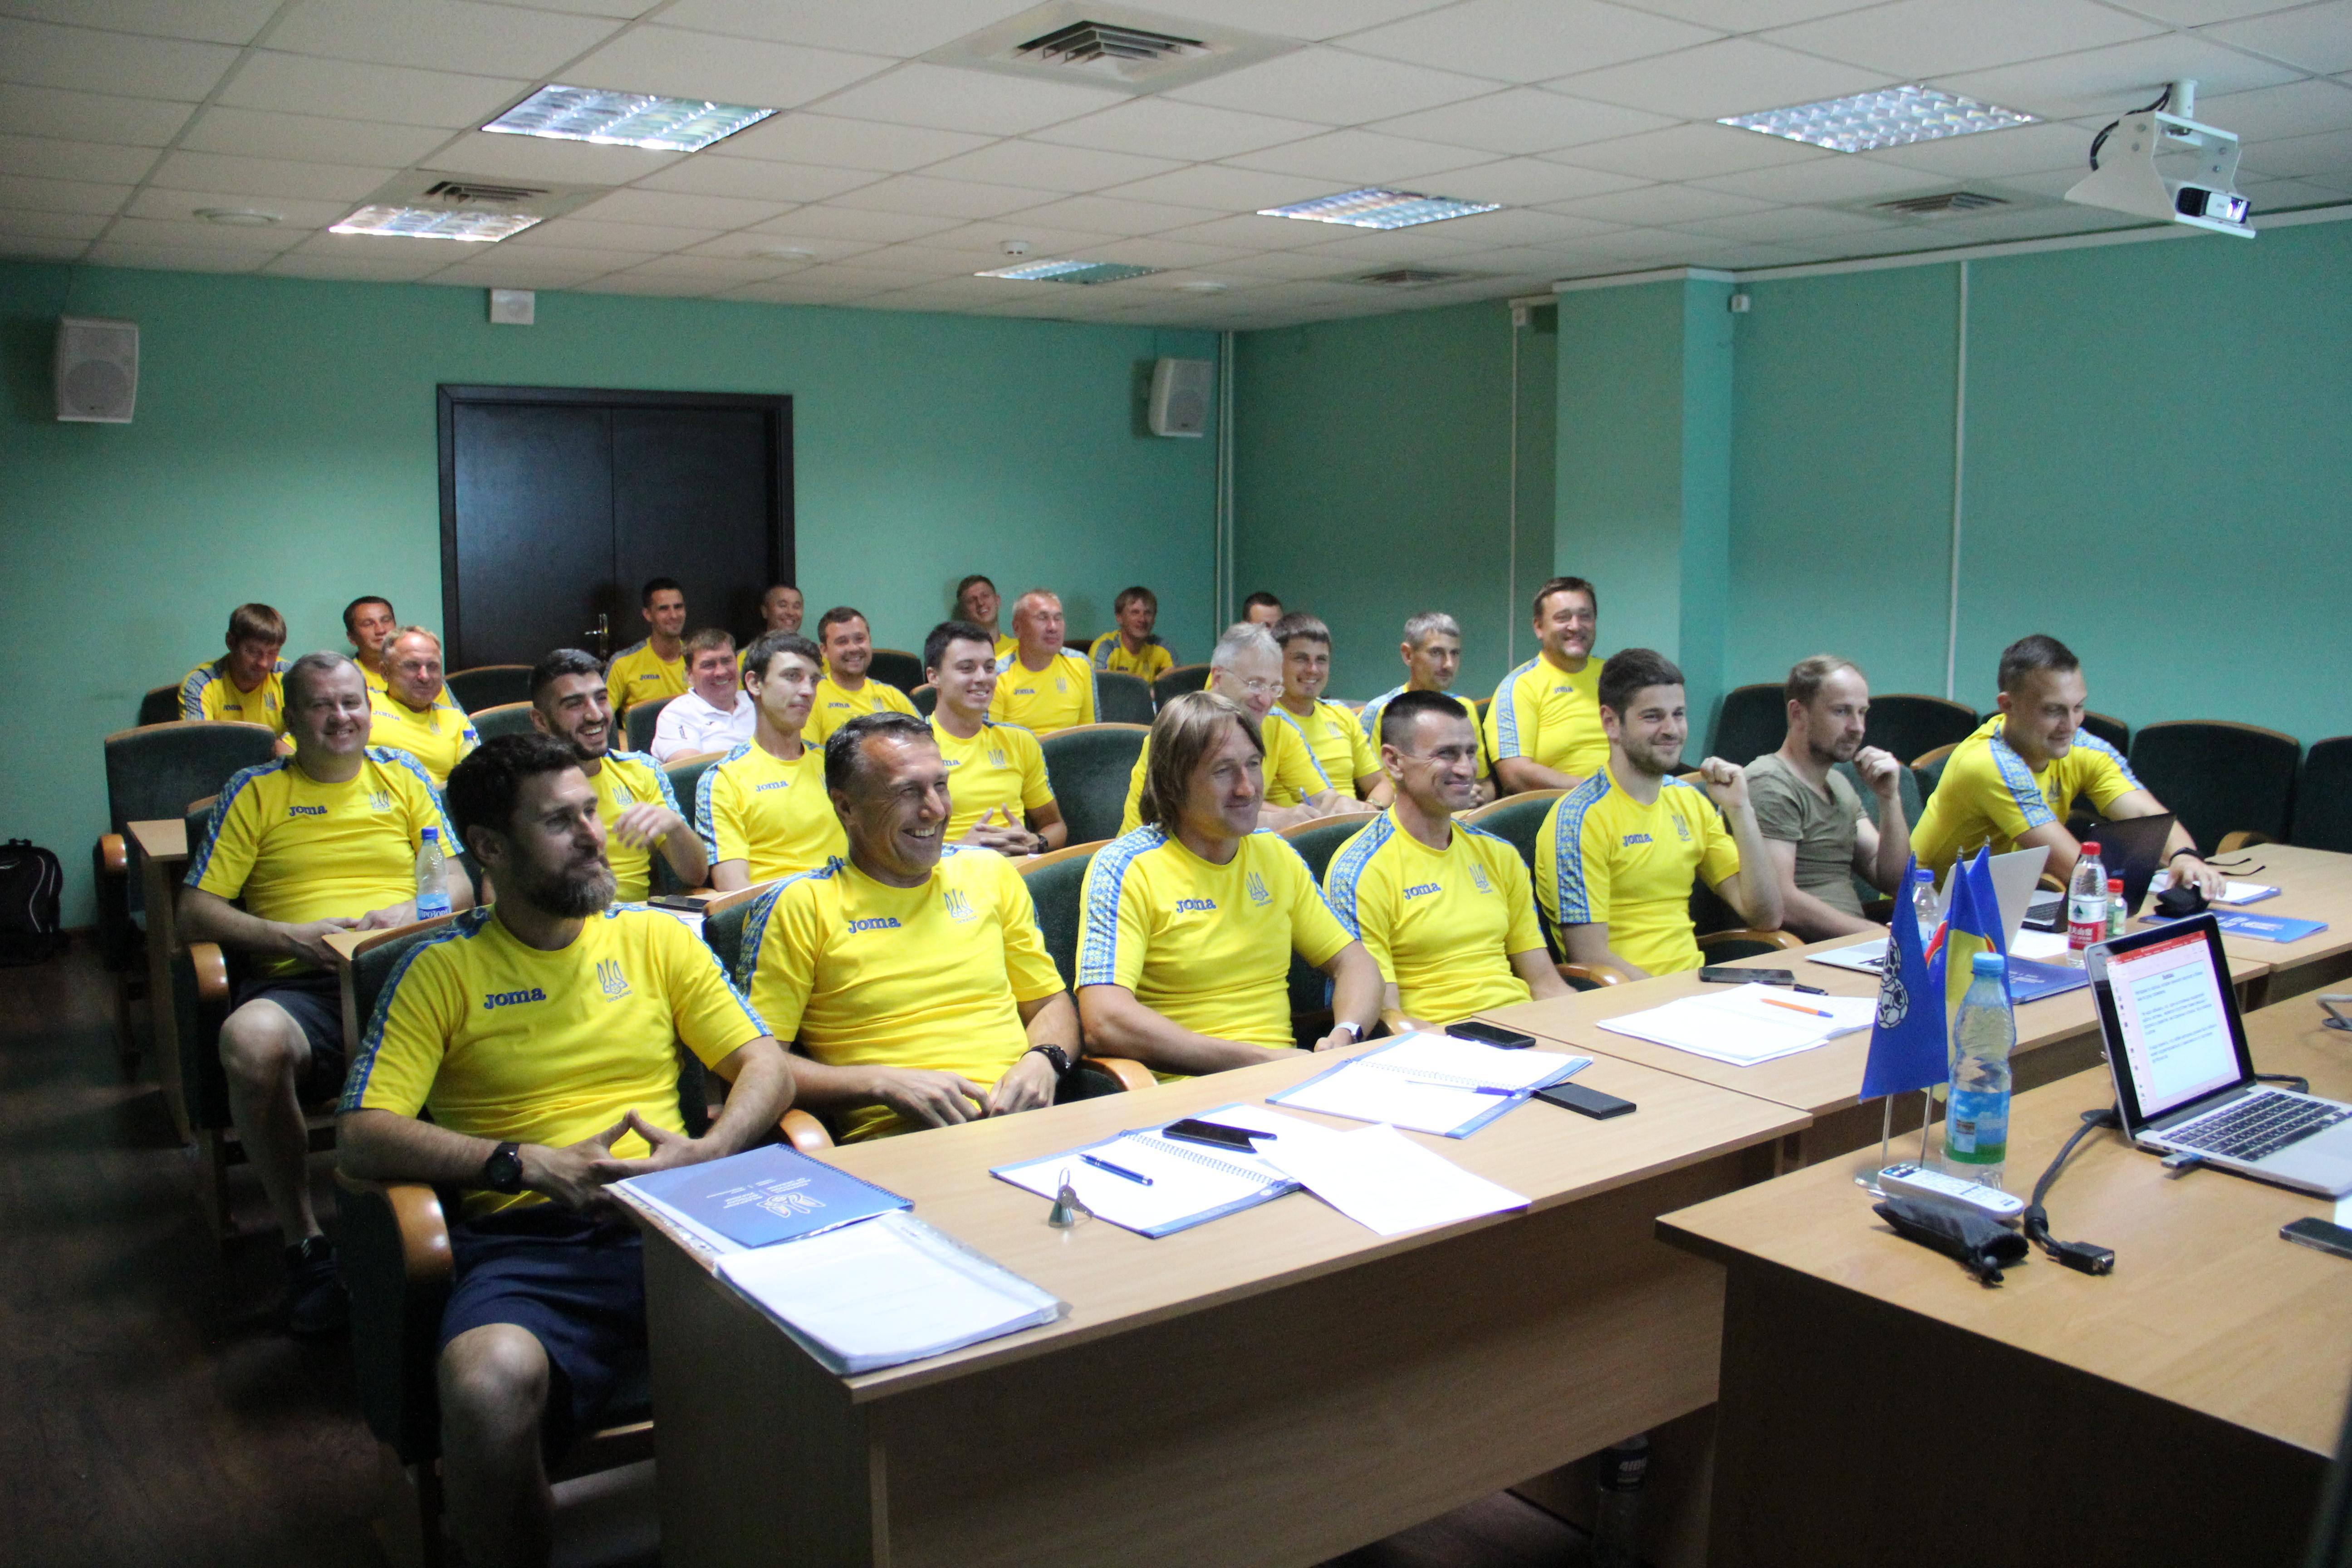 У період з 10 по 14 червня 2019 року відбулась 4-я сесія групи А-диплому UEFA